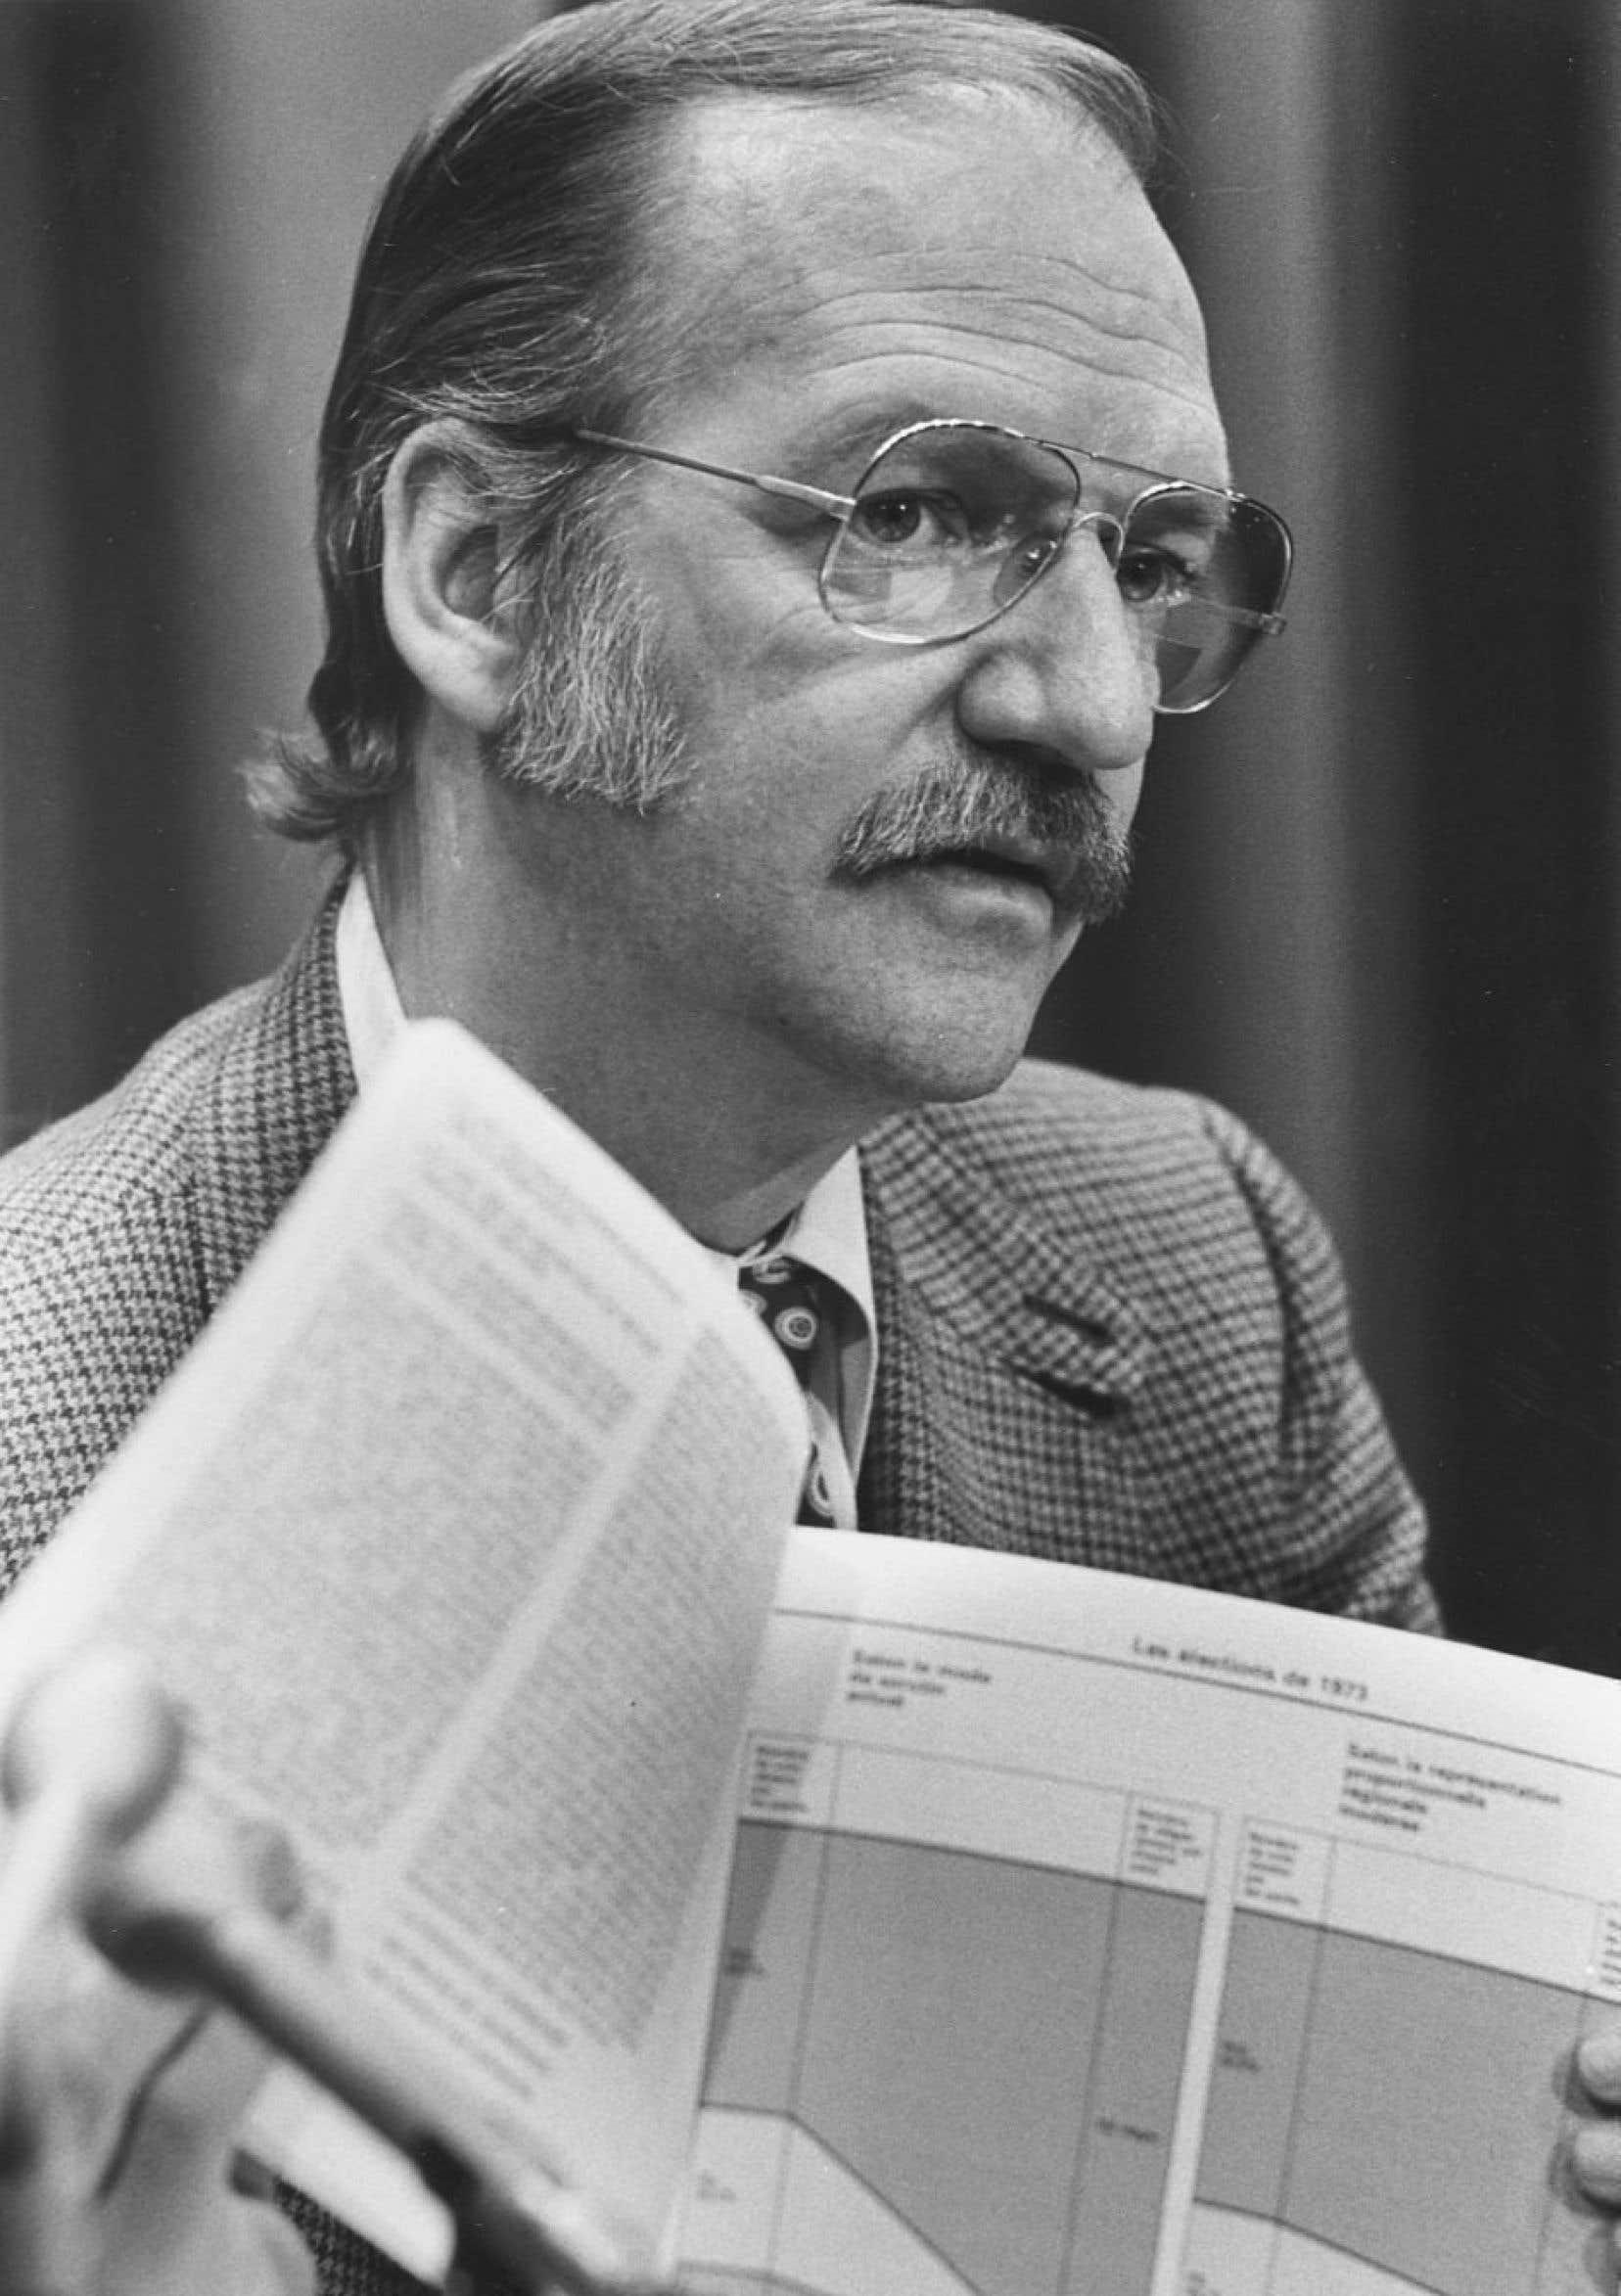 Robert Burns à l'époque où il pilotait la Loi sur le financement des partis politiques.